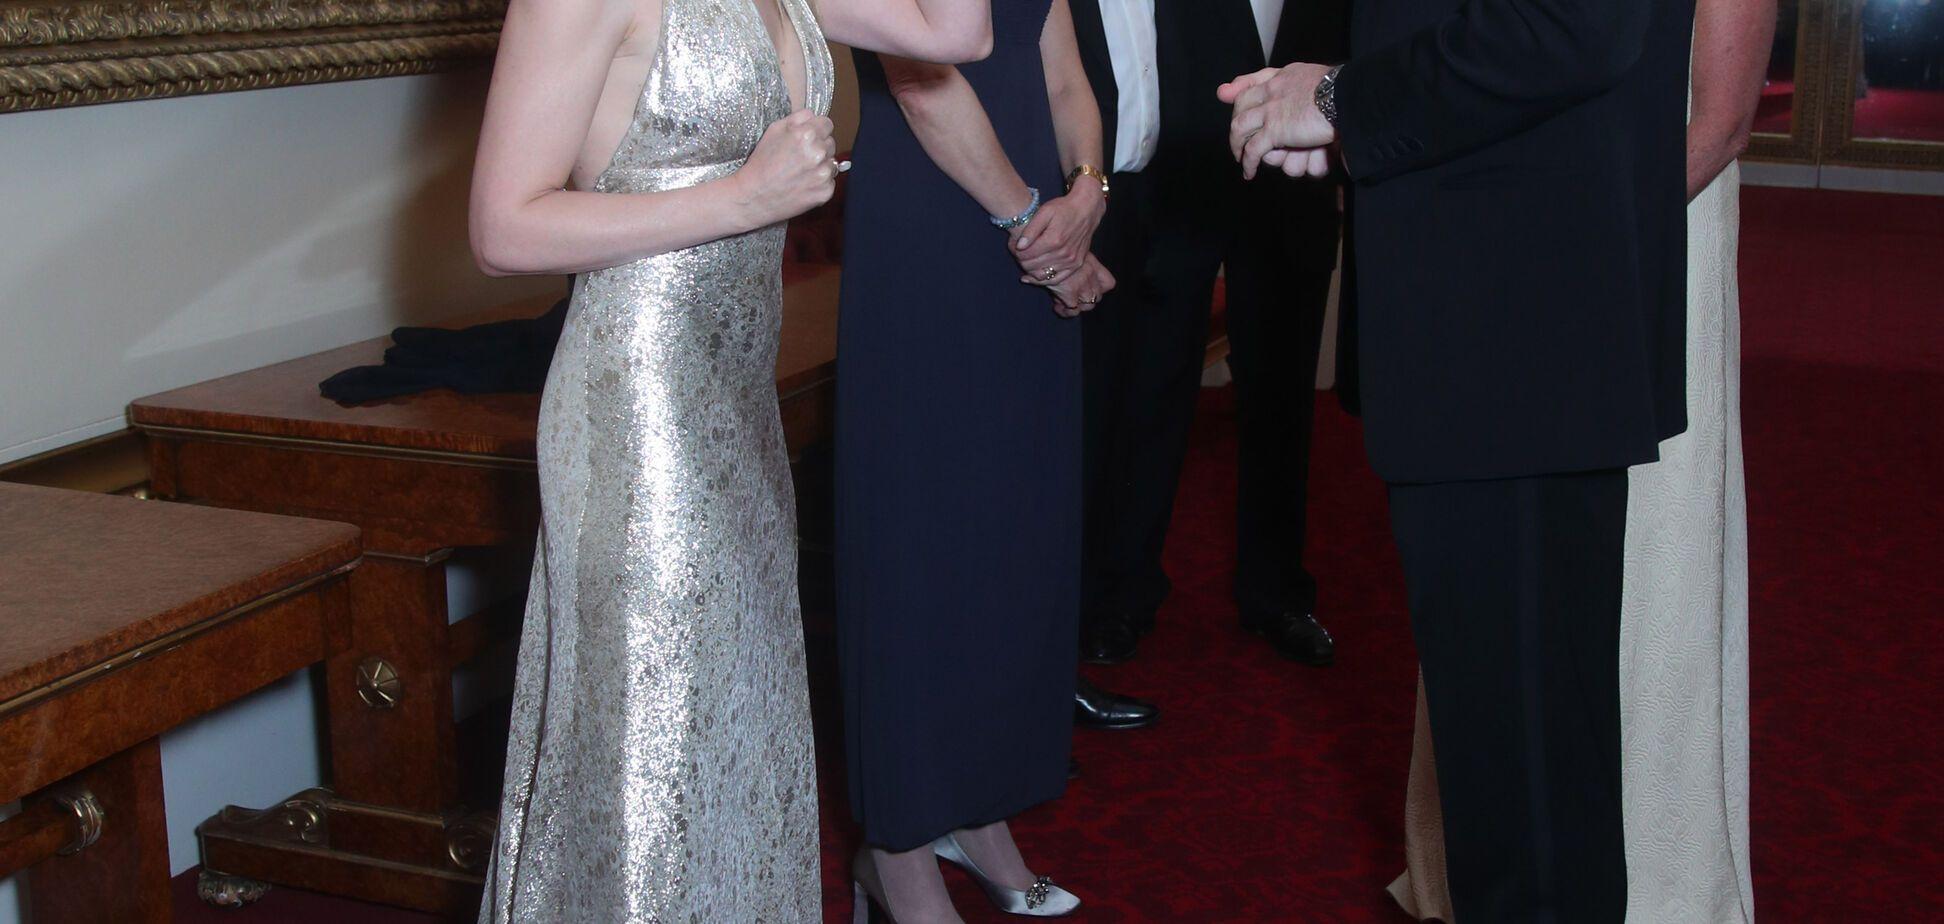 Кайлі Міноуг у сукні з глибоким декольте зустрілася з принцом Вільямом